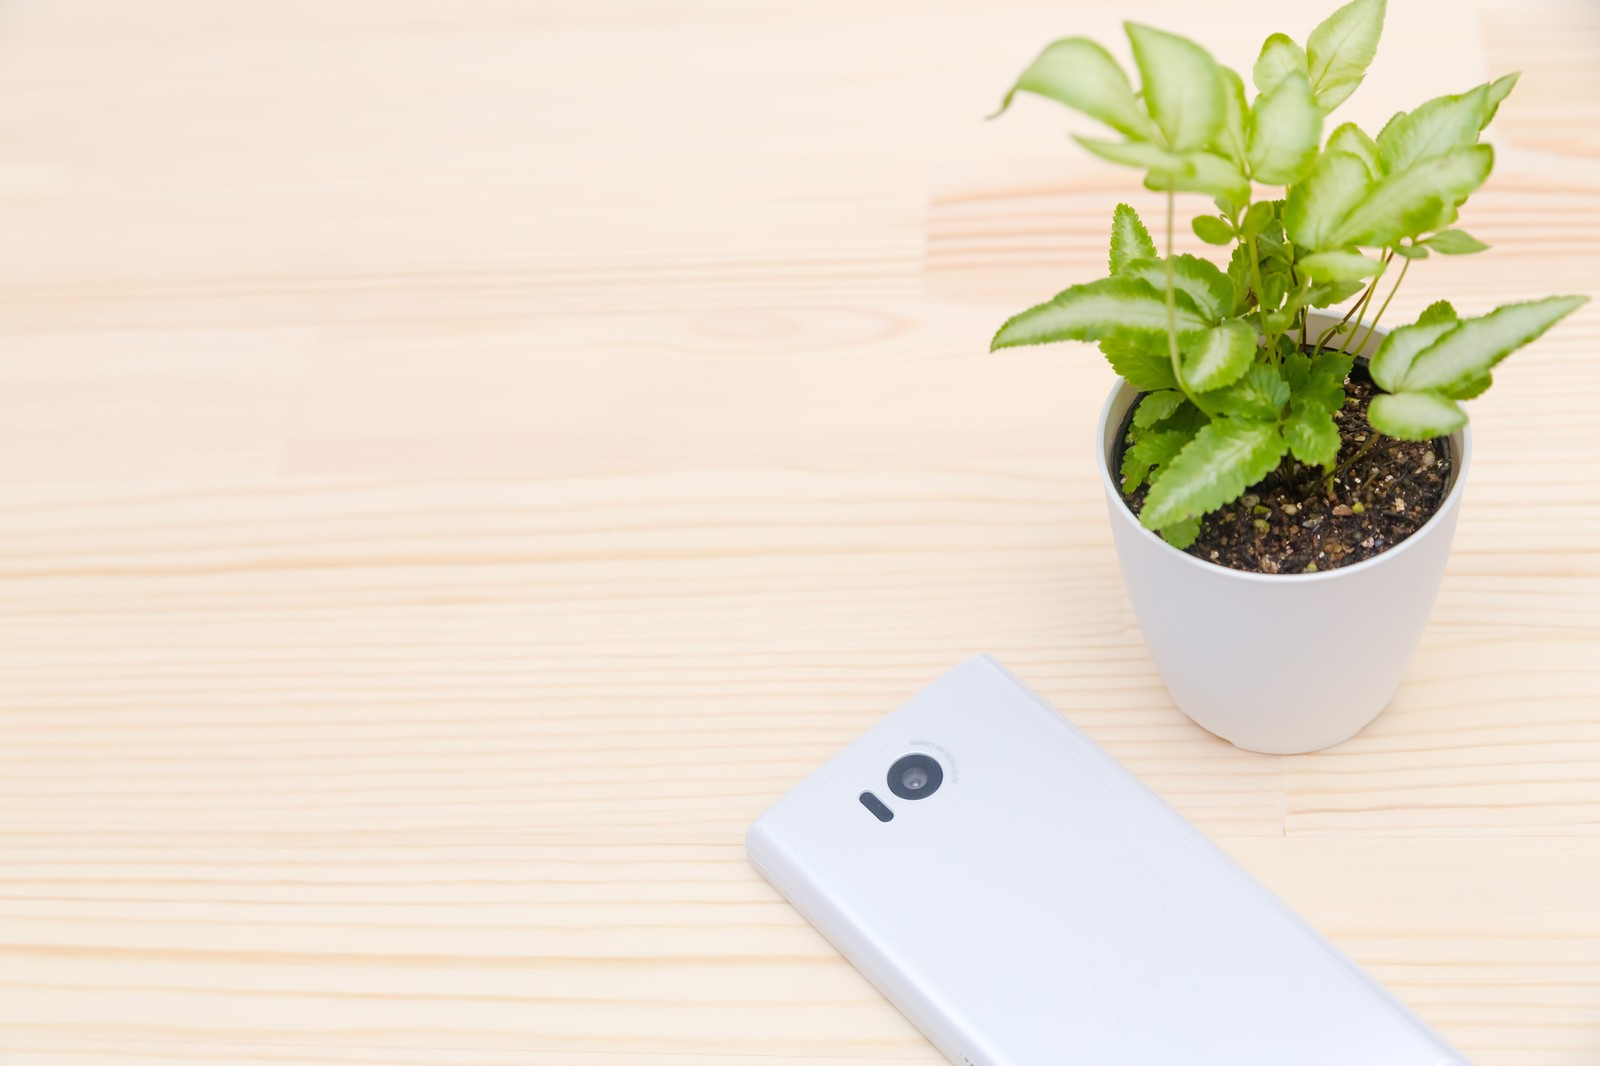 「植物と携帯電話植物と携帯電話」のフリー写真素材を拡大